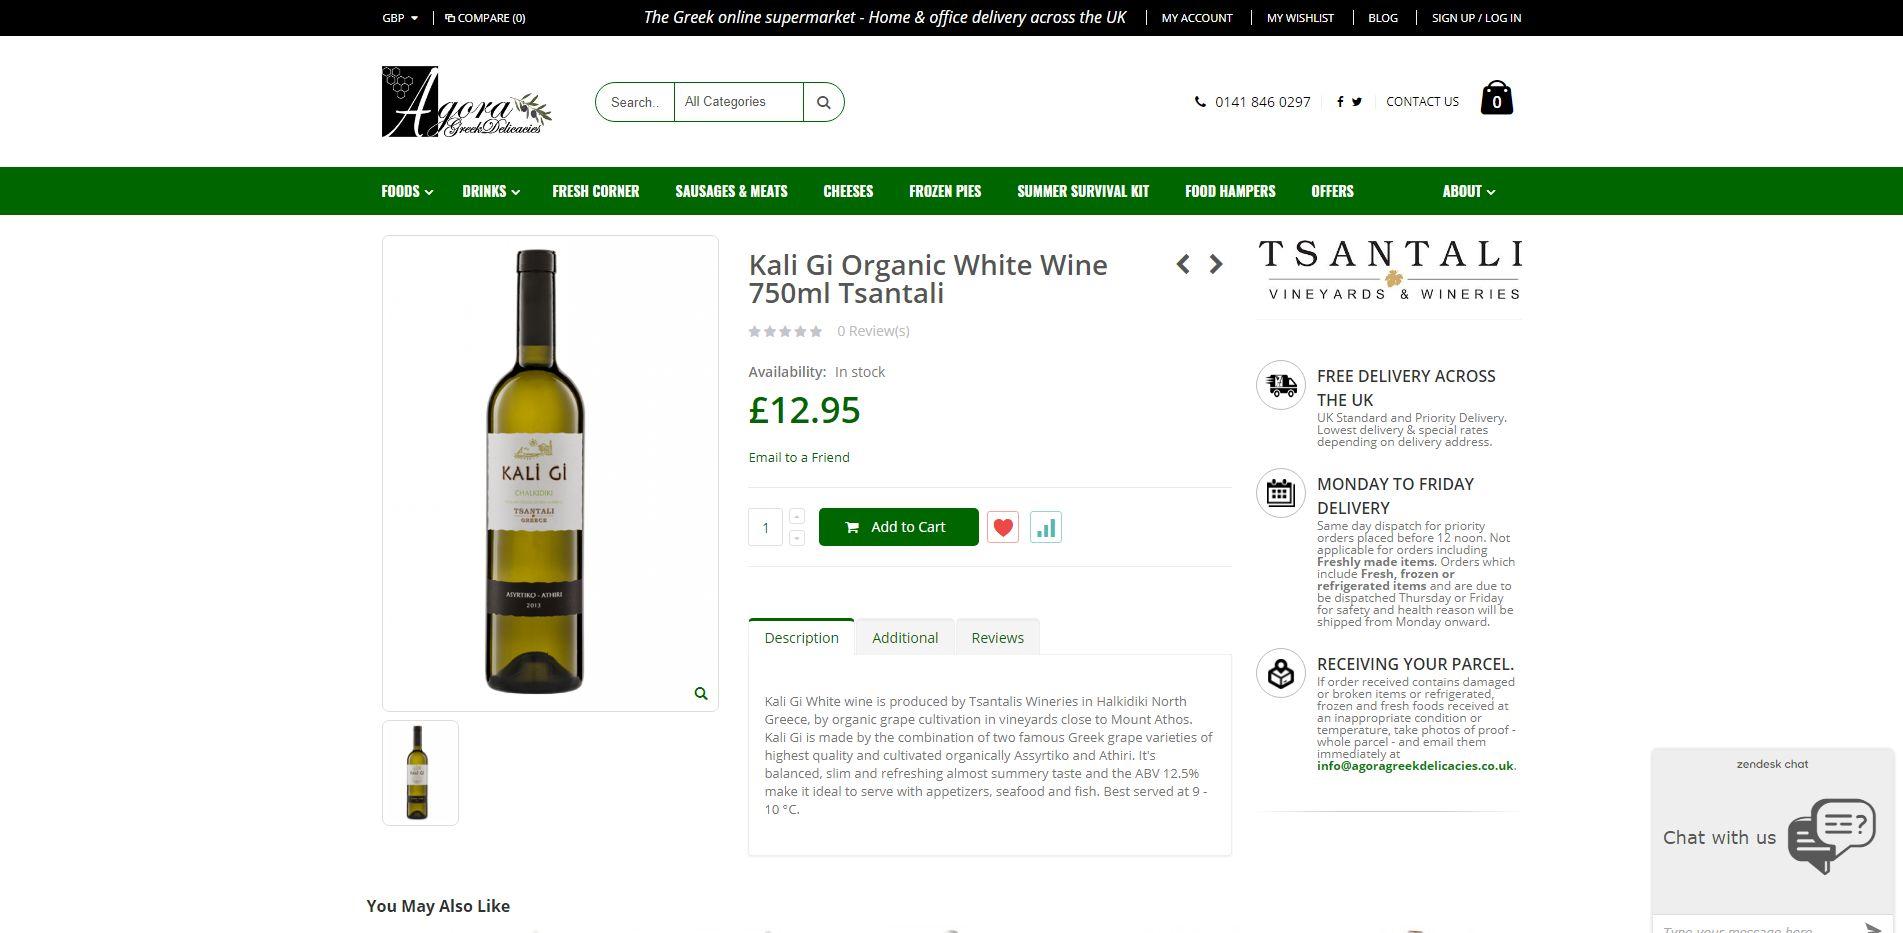 Kali-Gi-Organic-White-Wine-750ml-Tsantali-Agora-Greek-Delicacies